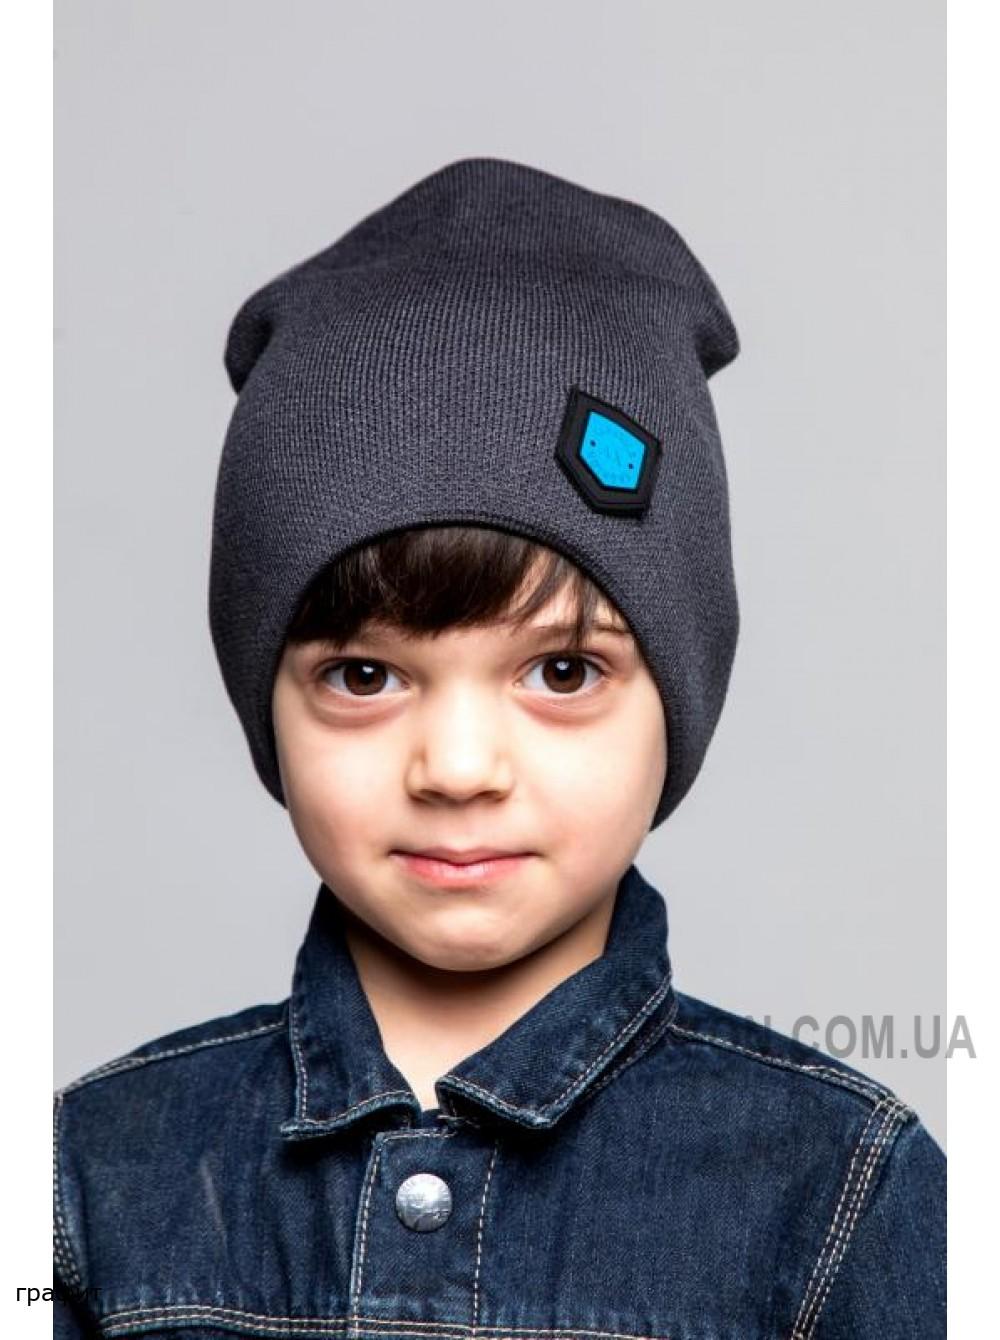 Детская вязаная шапка Минимал D79231-48-52